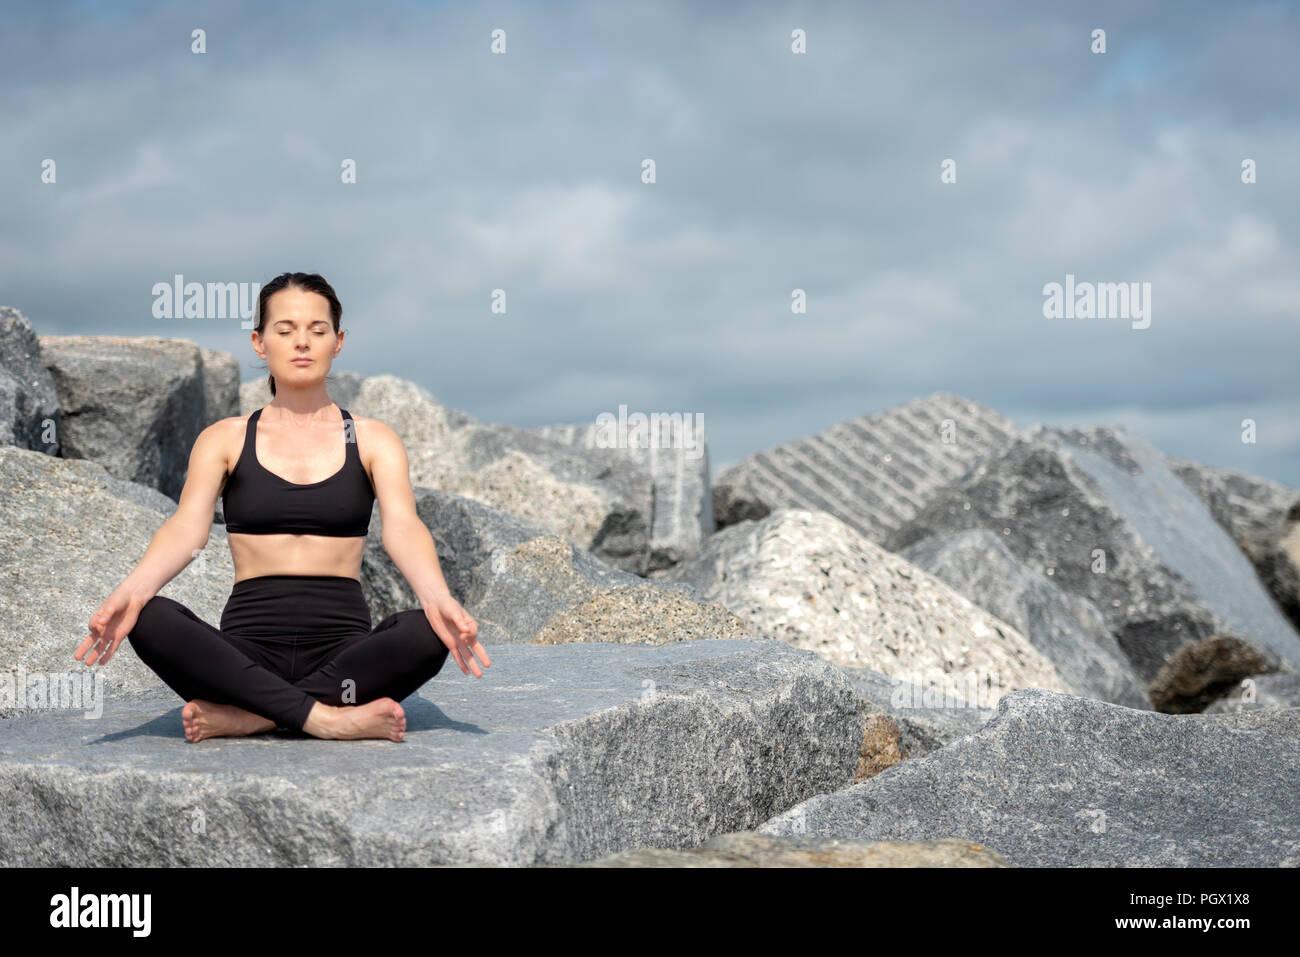 Femme assise méditant à l'extérieur sur les roches, copyspace. Photo Stock